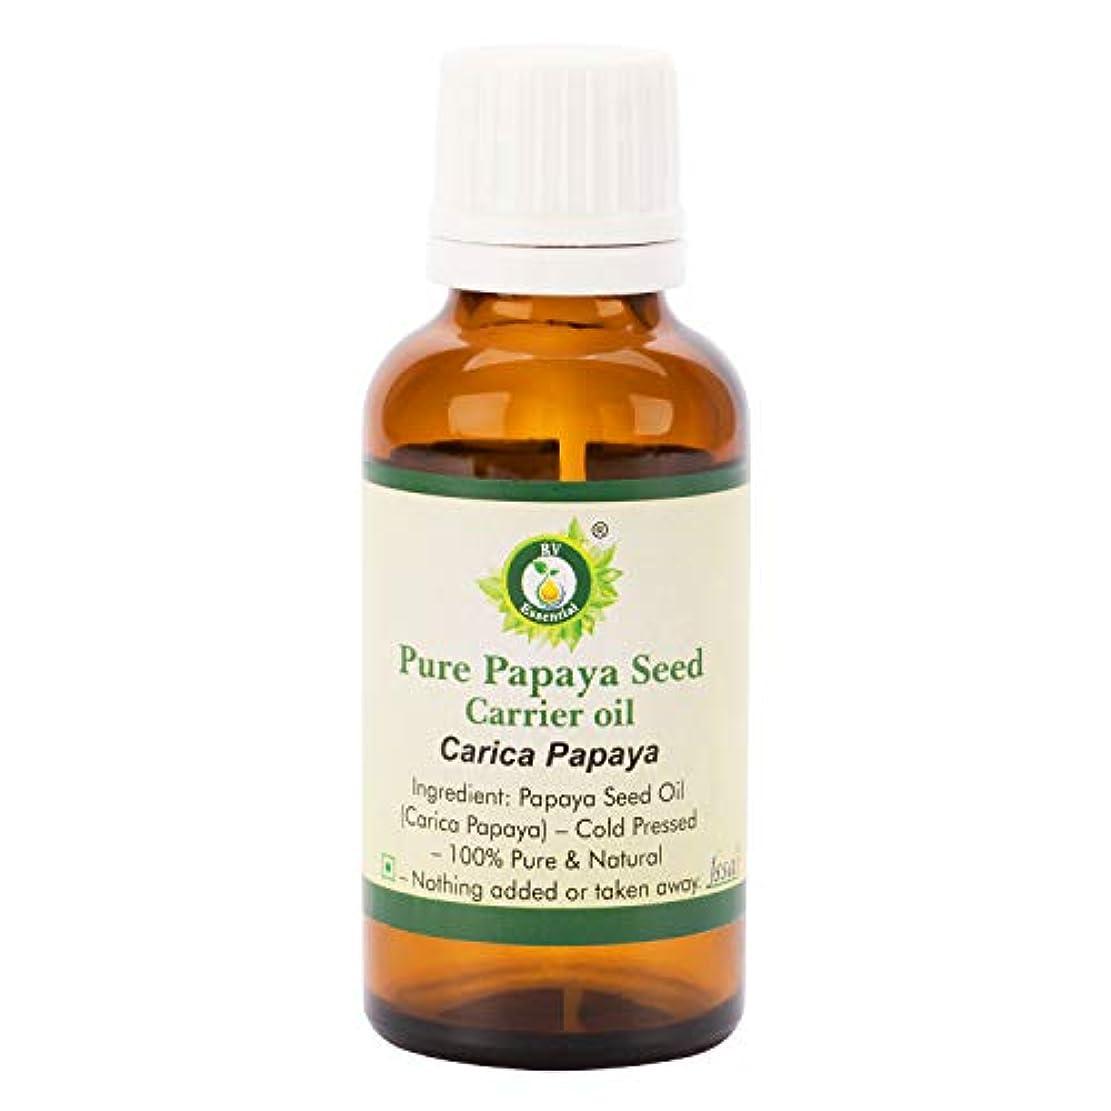 無実抵当倍率純粋なパパイヤ種子キャリアオイル15ml (0.507oz)- Carica Papaya (100%ピュア&ナチュラルコールドPressed) Pure Papaya Seed Carrier Oil